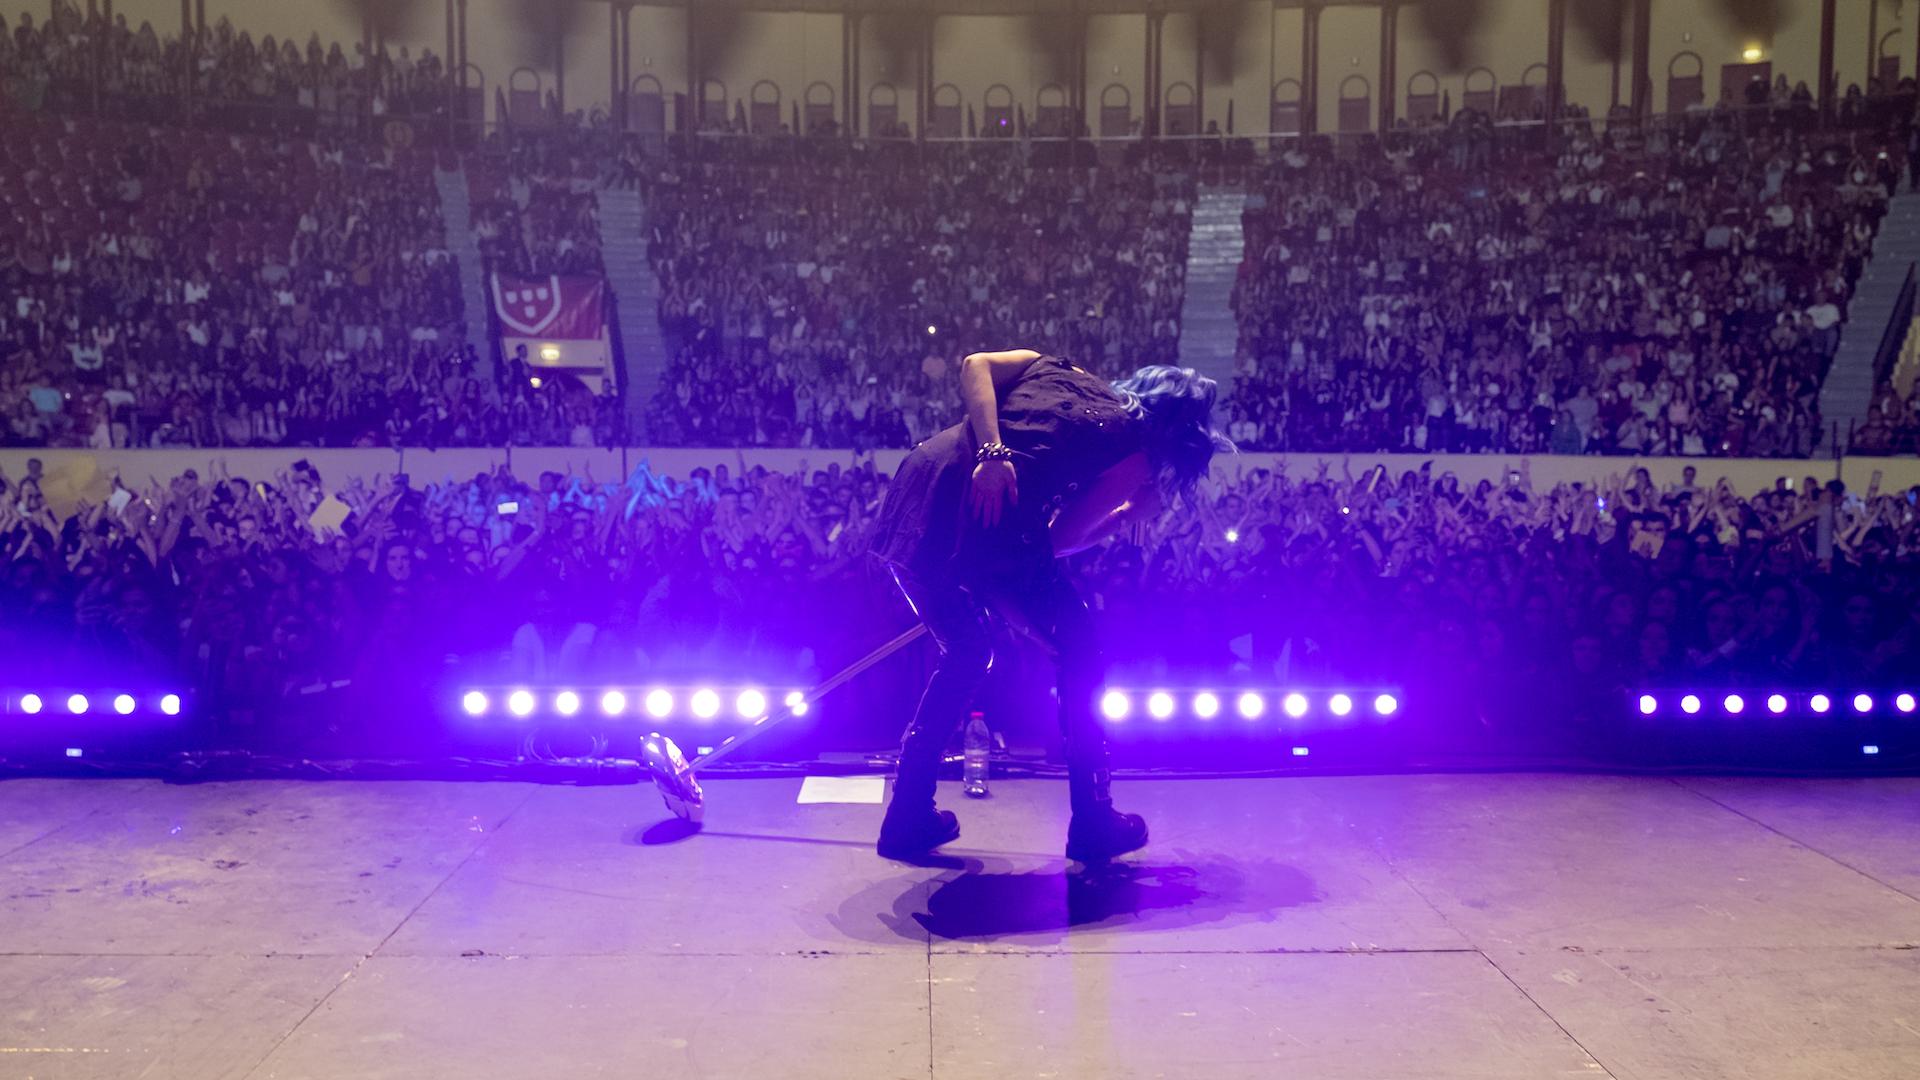 camryn, 727 tour, best-new-artist